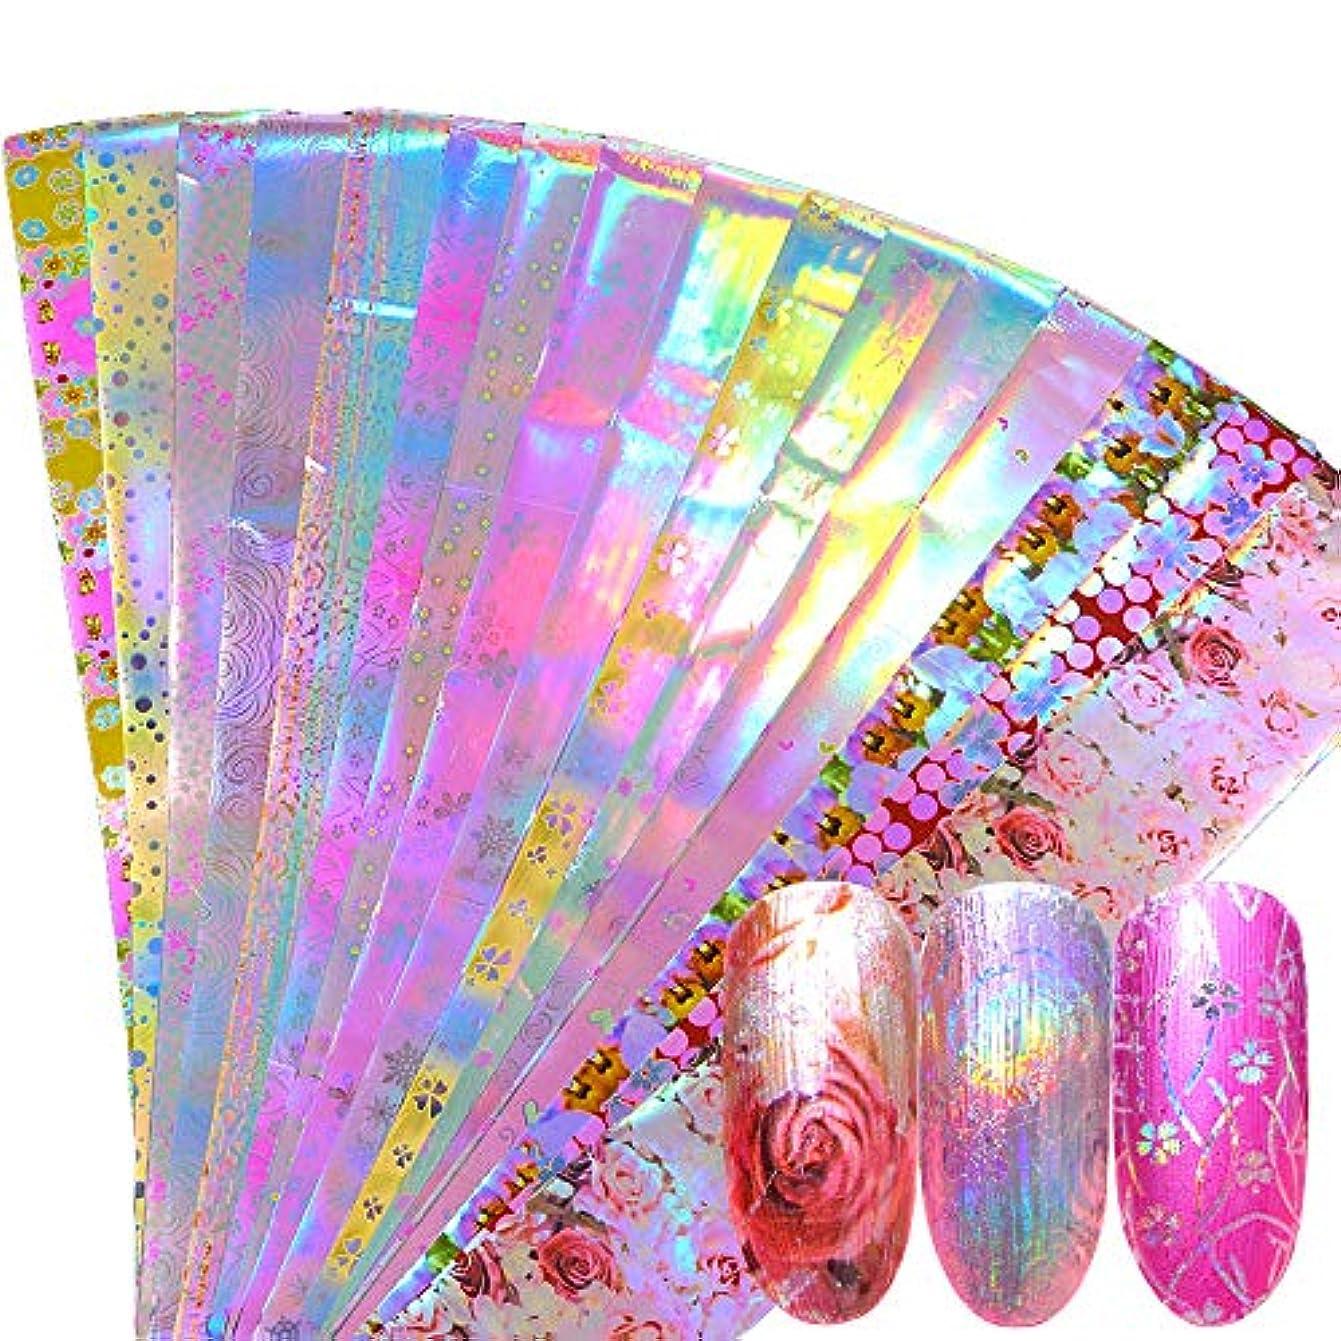 統合事業内容宇宙SUKTI&XIAO ネイルステッカー 16ピースホログラフィックネイル箔セットミックスフラワーデザイン転写箔ネイルポリッシュステッカーネイルアート装飾スライダーデカール